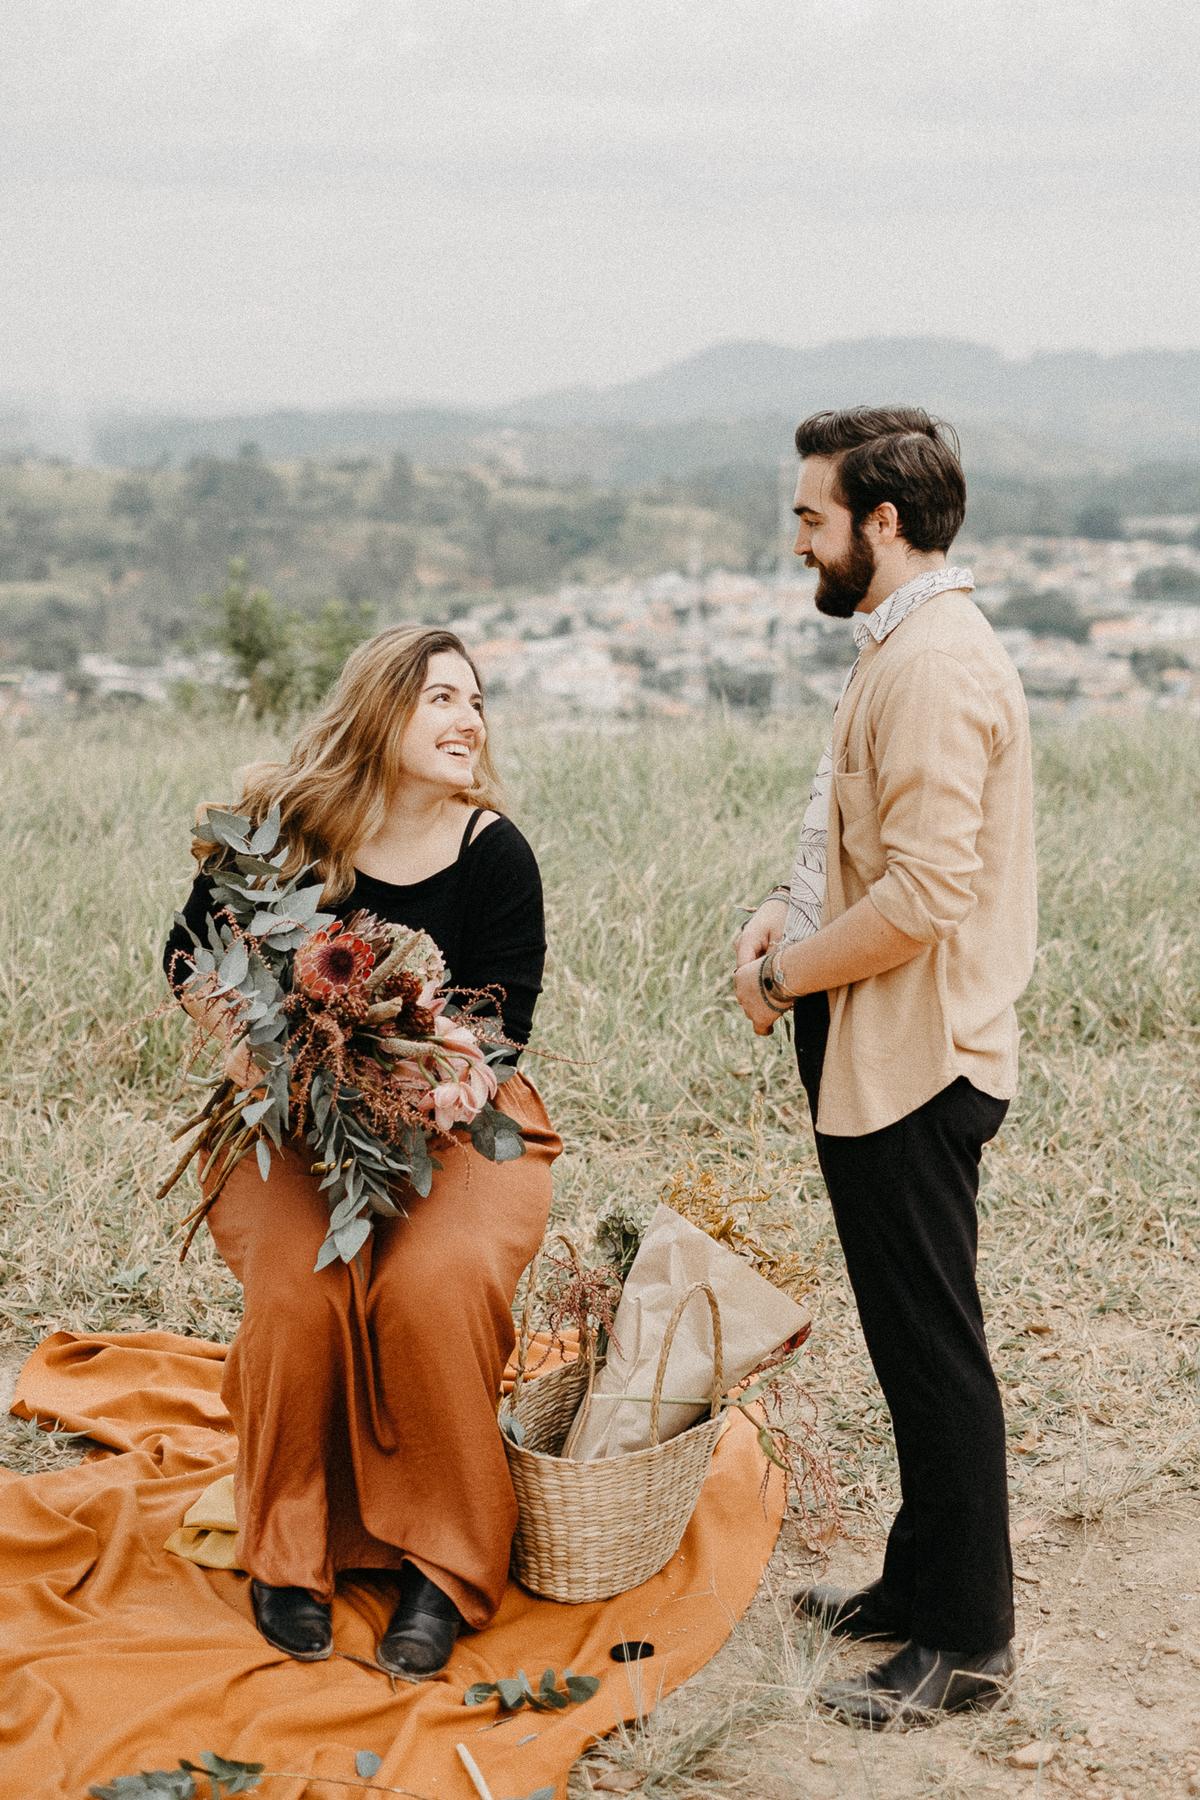 ensaio casal casamentos de dia elopment wedding noiva florista buque de noiva casal artista ensaios minimalistas fotografia por caio henrique morro do capuava pirapora do bom jesus